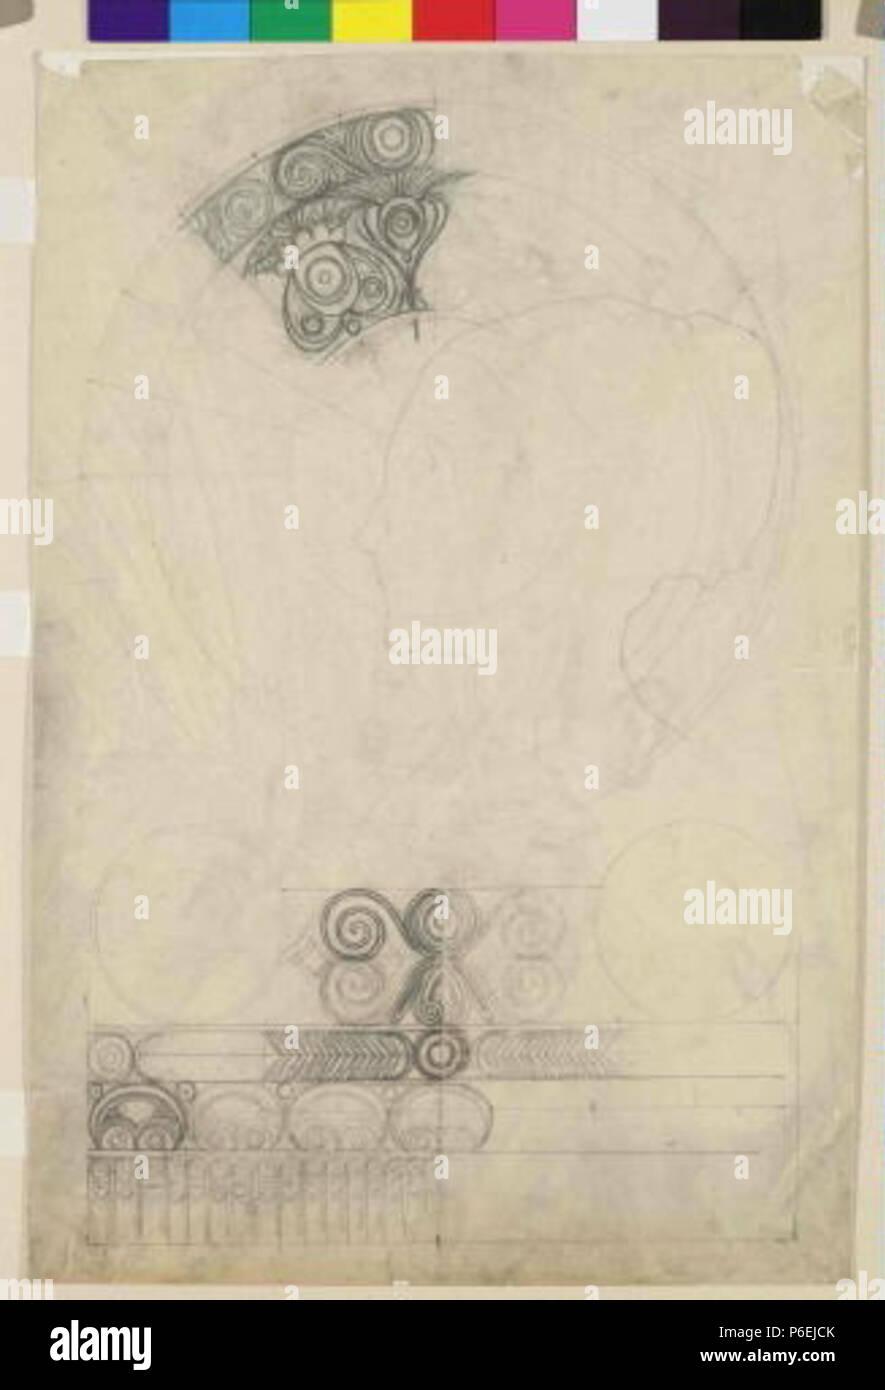 . Eština: Studie k dekorativnímu panneau Chardon de Greves ca. 1901 6 Autor Alfons Mucha 24.7.1860-14.7.1939-Studie k dekorativnimu panneau Chardon de Greves Stockfoto